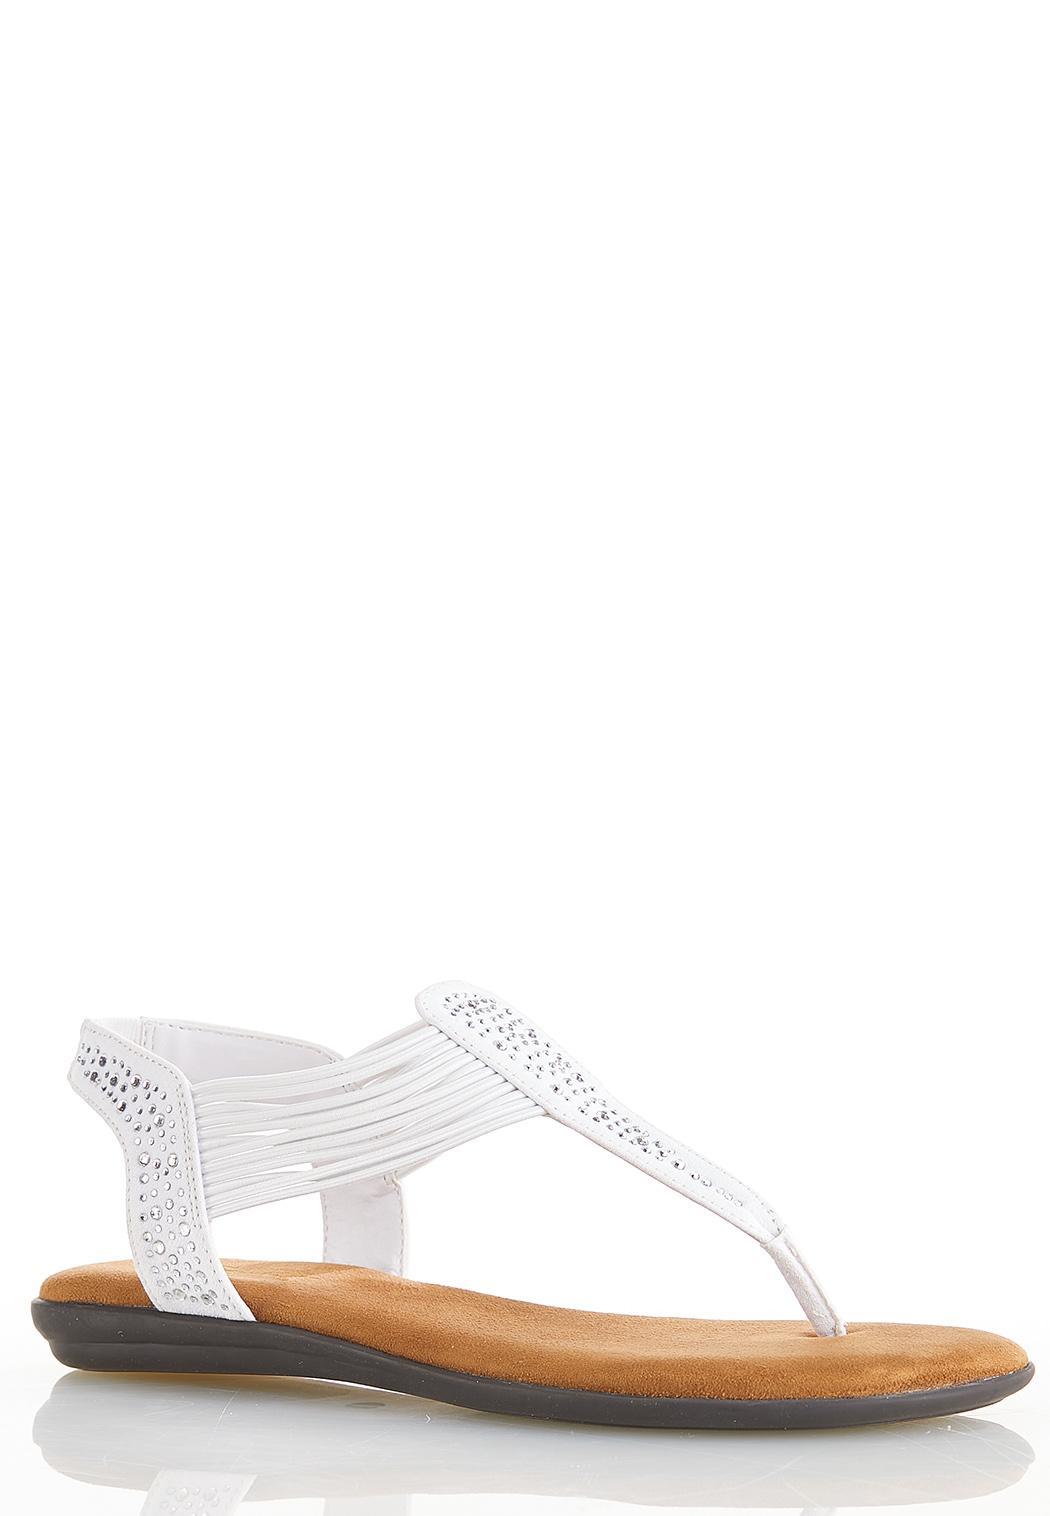 Embellished Comfort Sandals